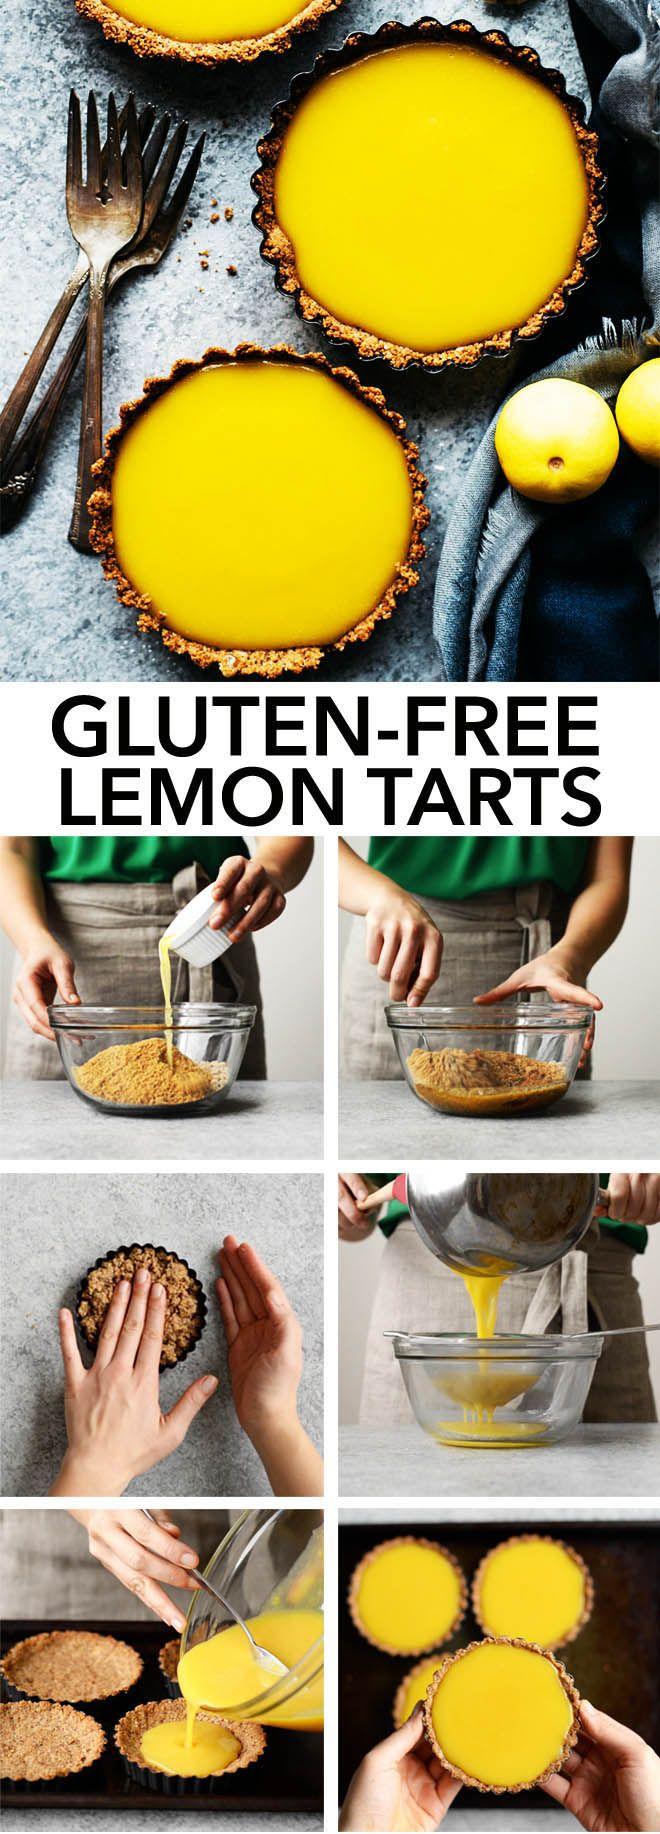 how to make mini lemon tarts